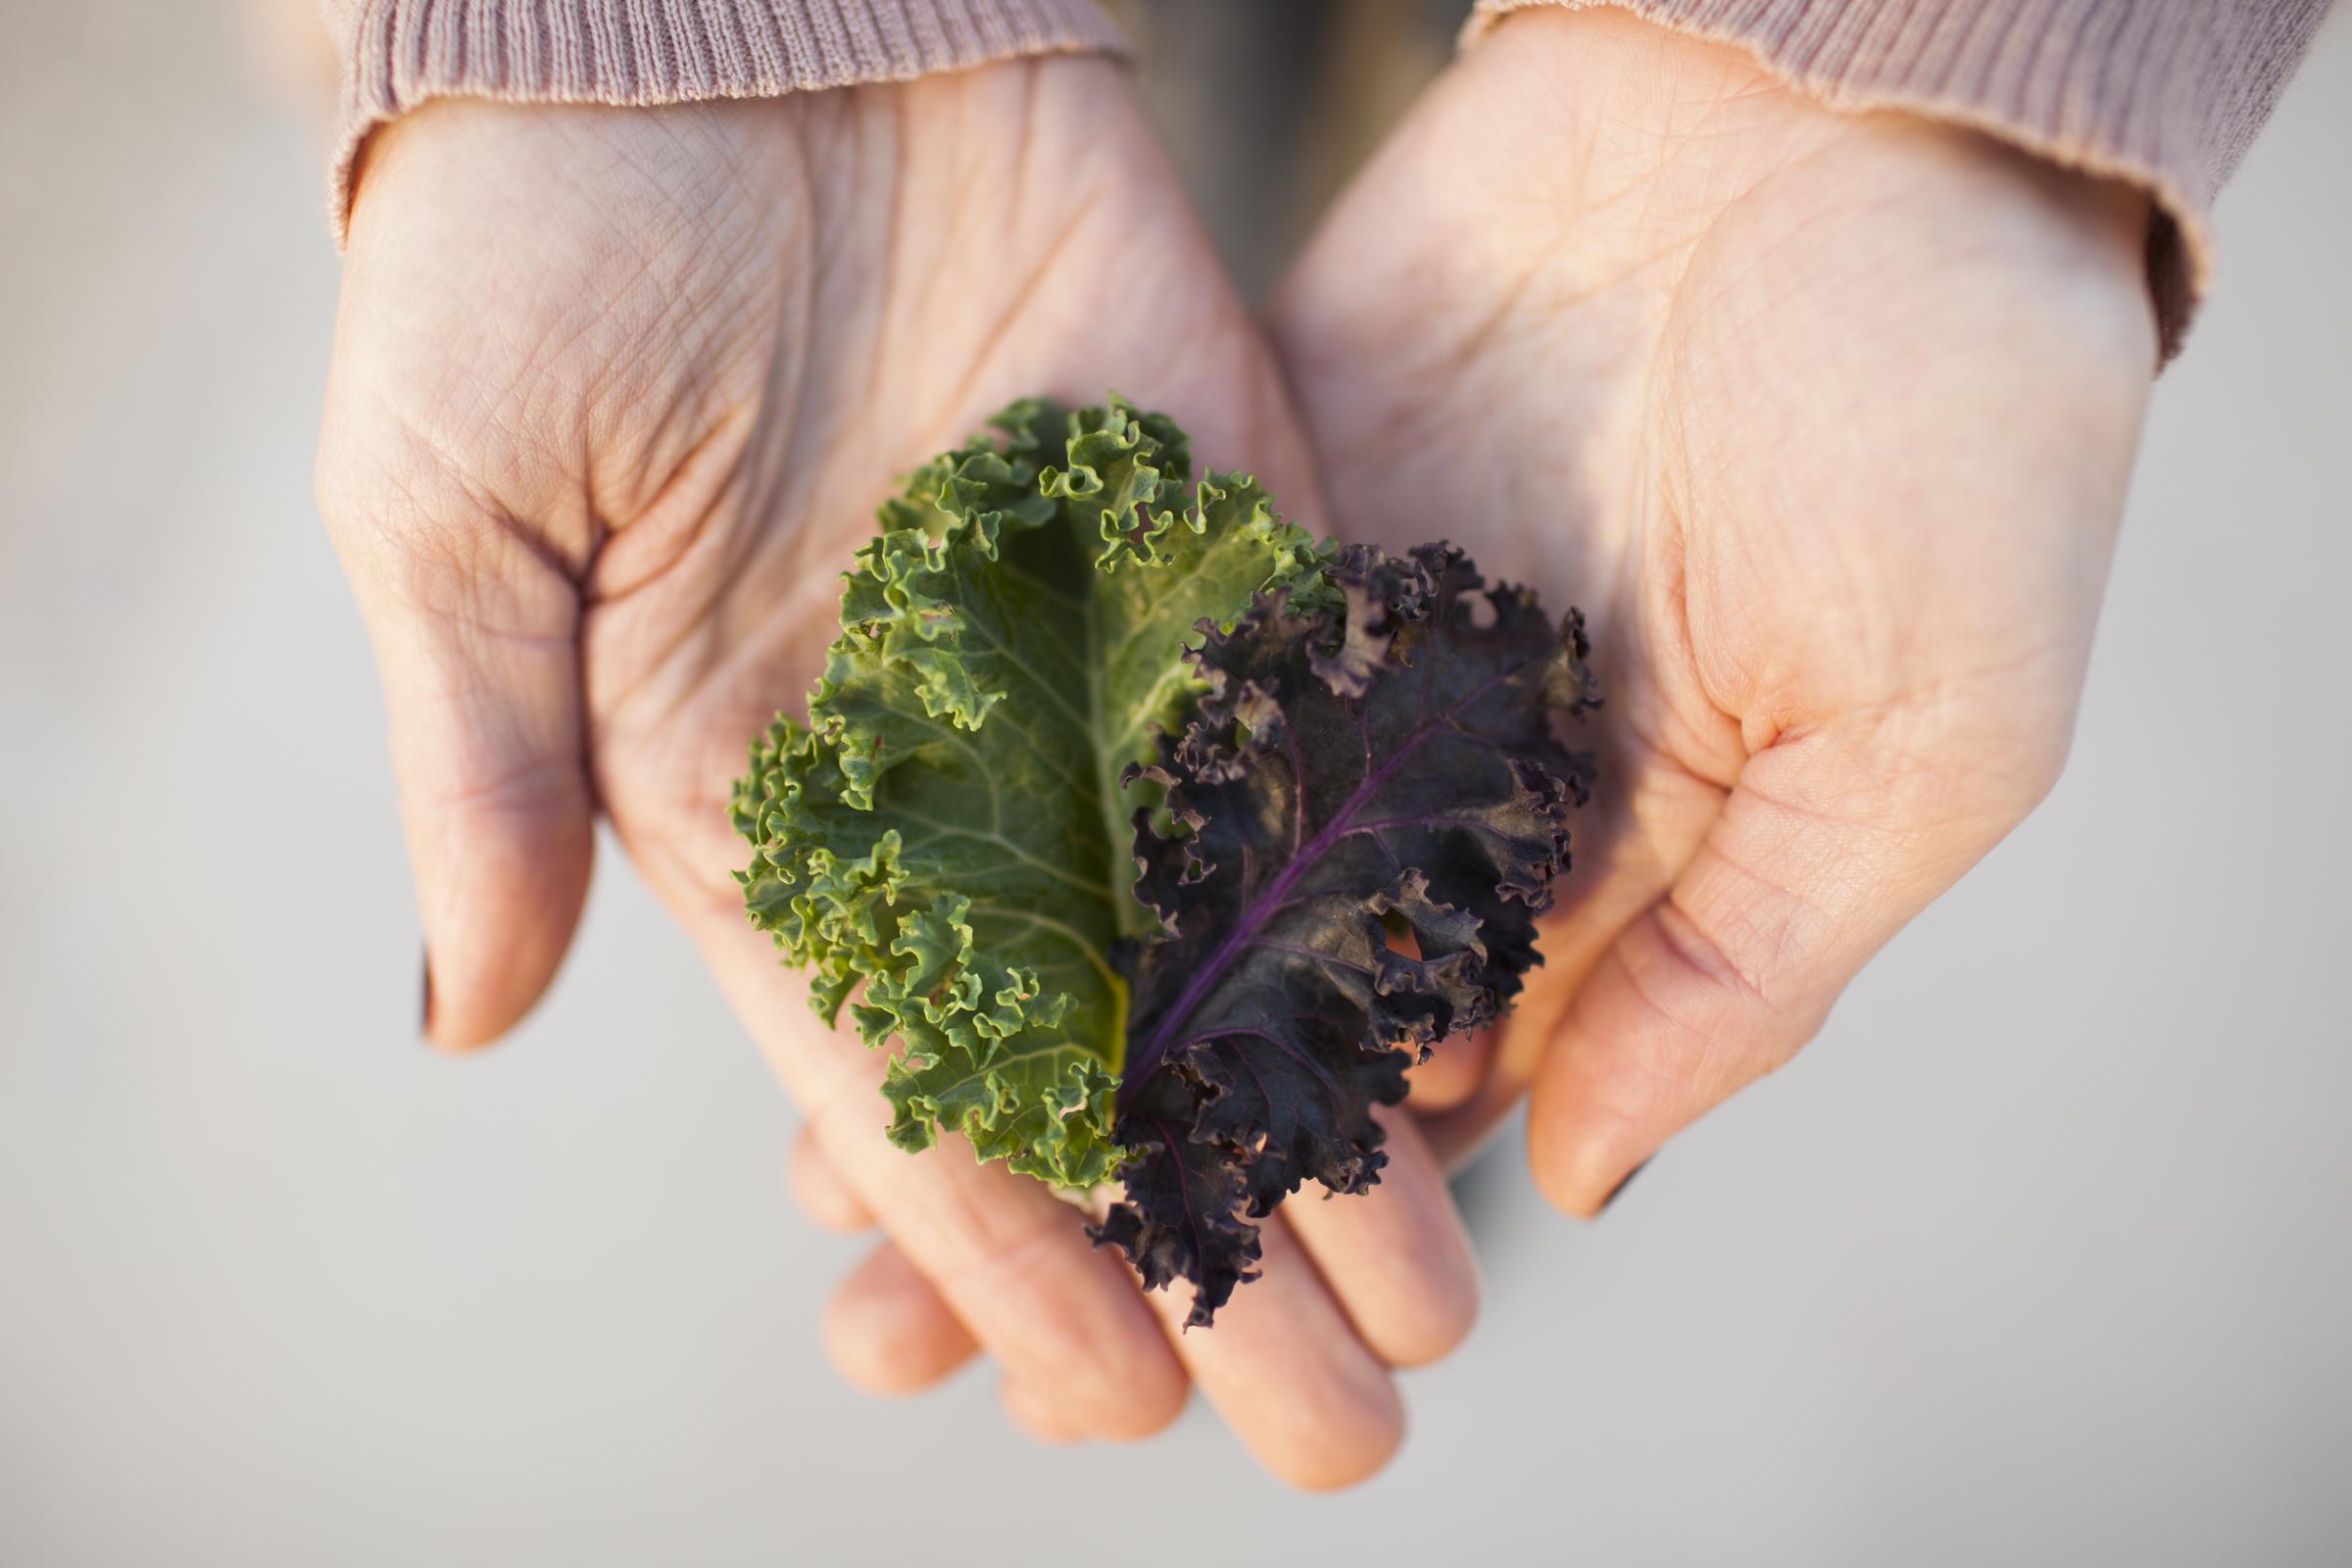 Kale in hands